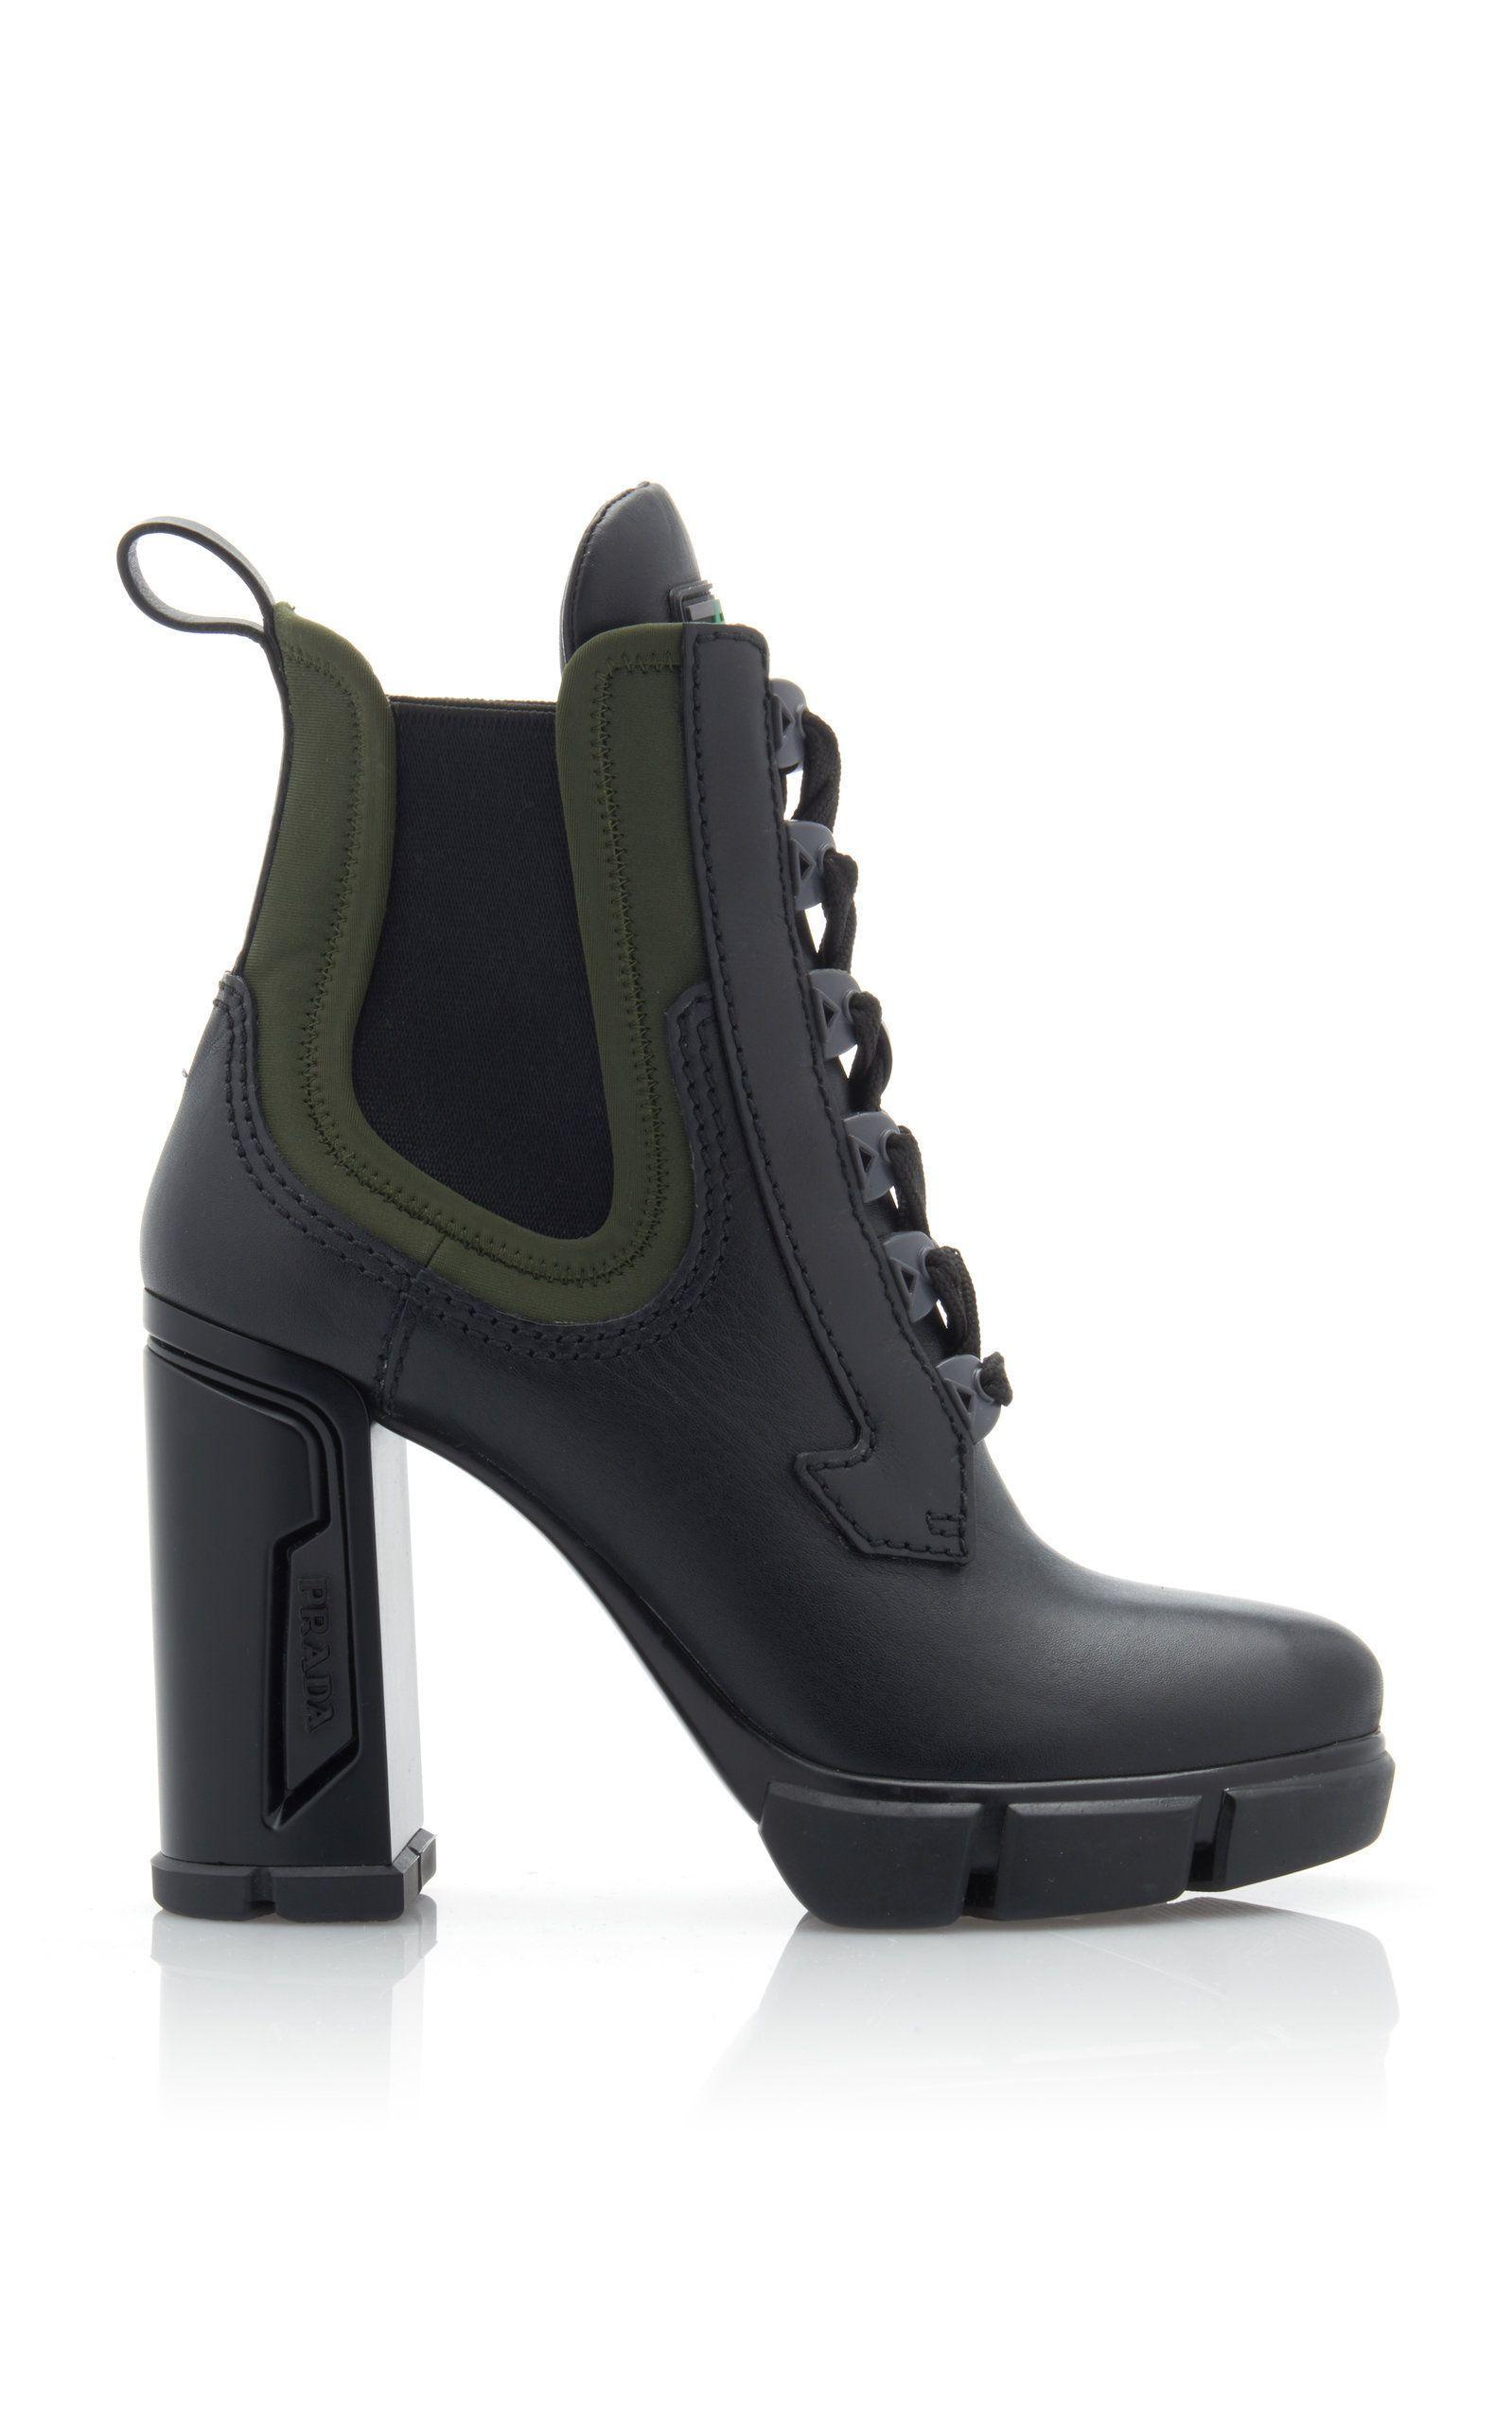 Neoprene-Trimmed Leather Platform Ankle